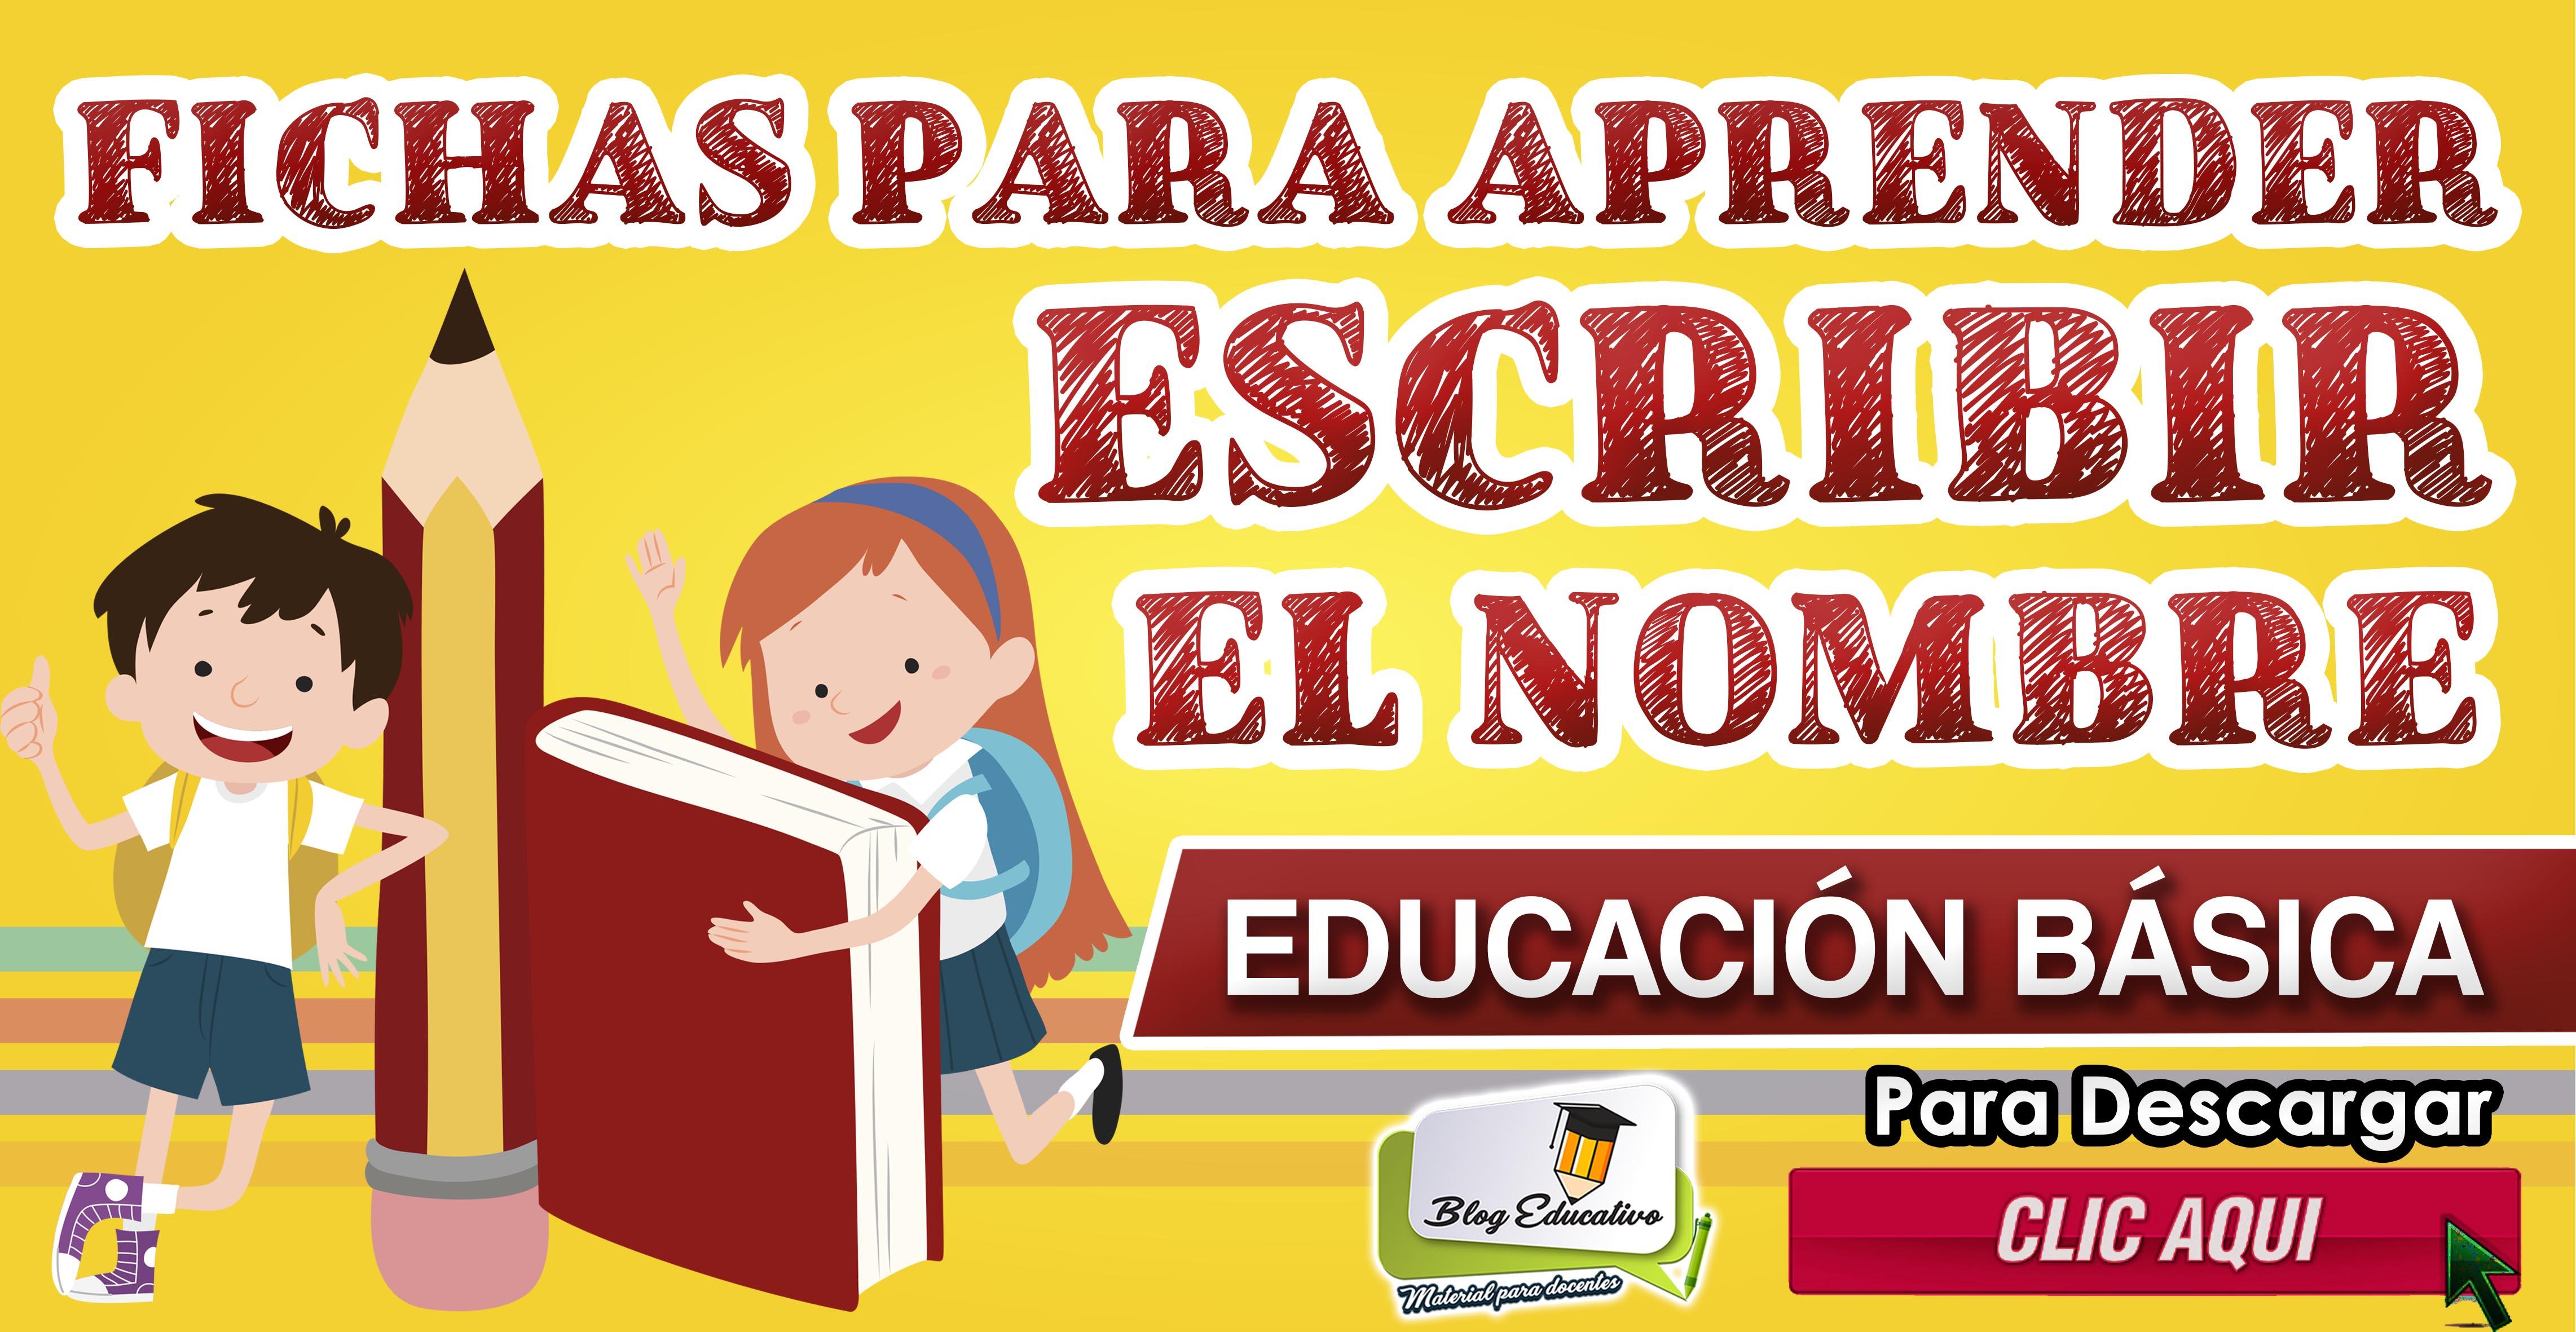 Fichas para aprender escribir el nombre - Blog Educativo